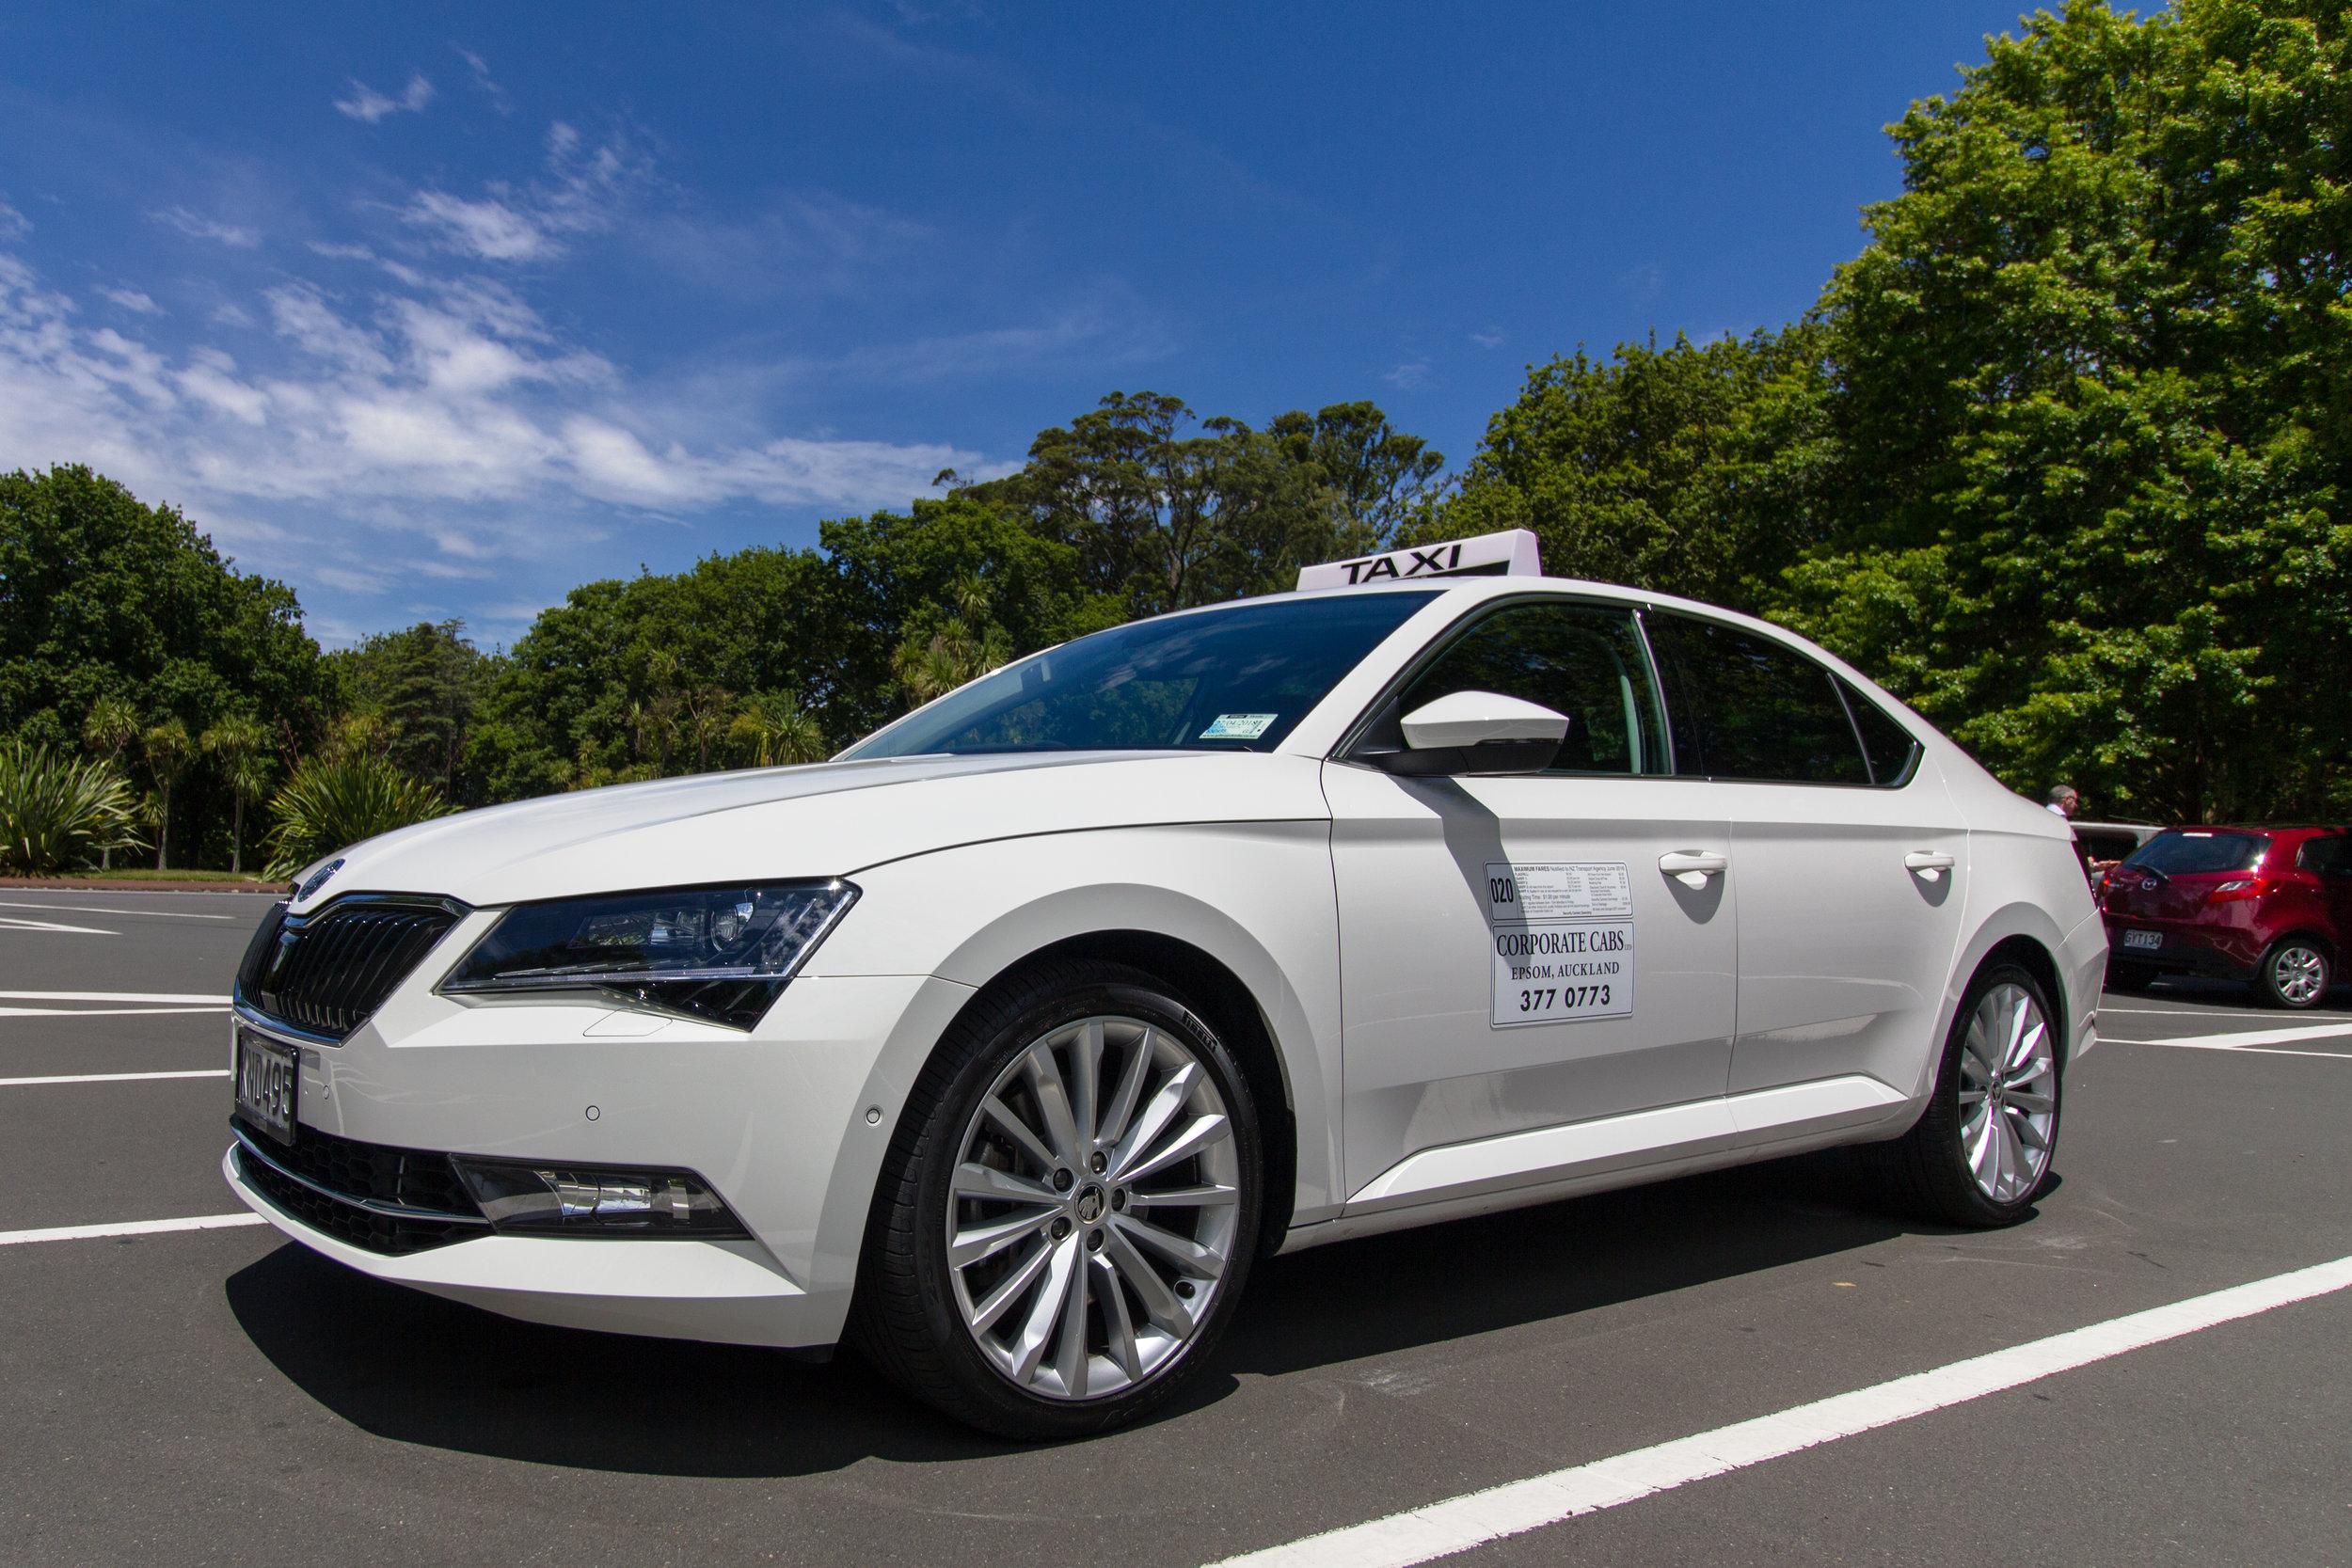 corporate-cabs-skoda-9.jpg